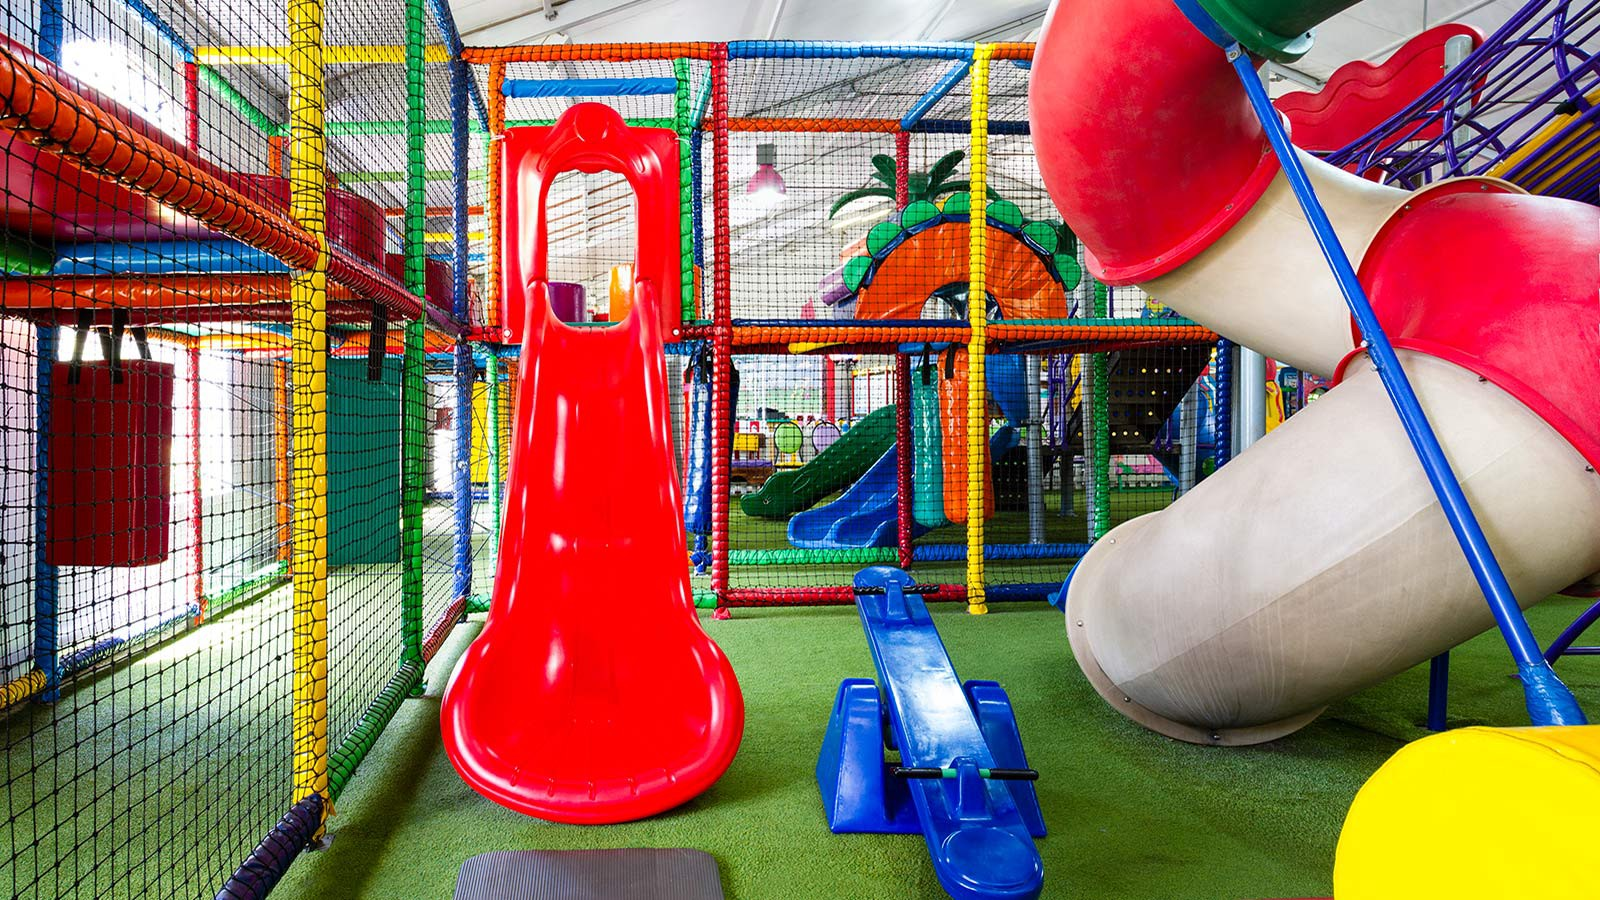 Indoor Play Area